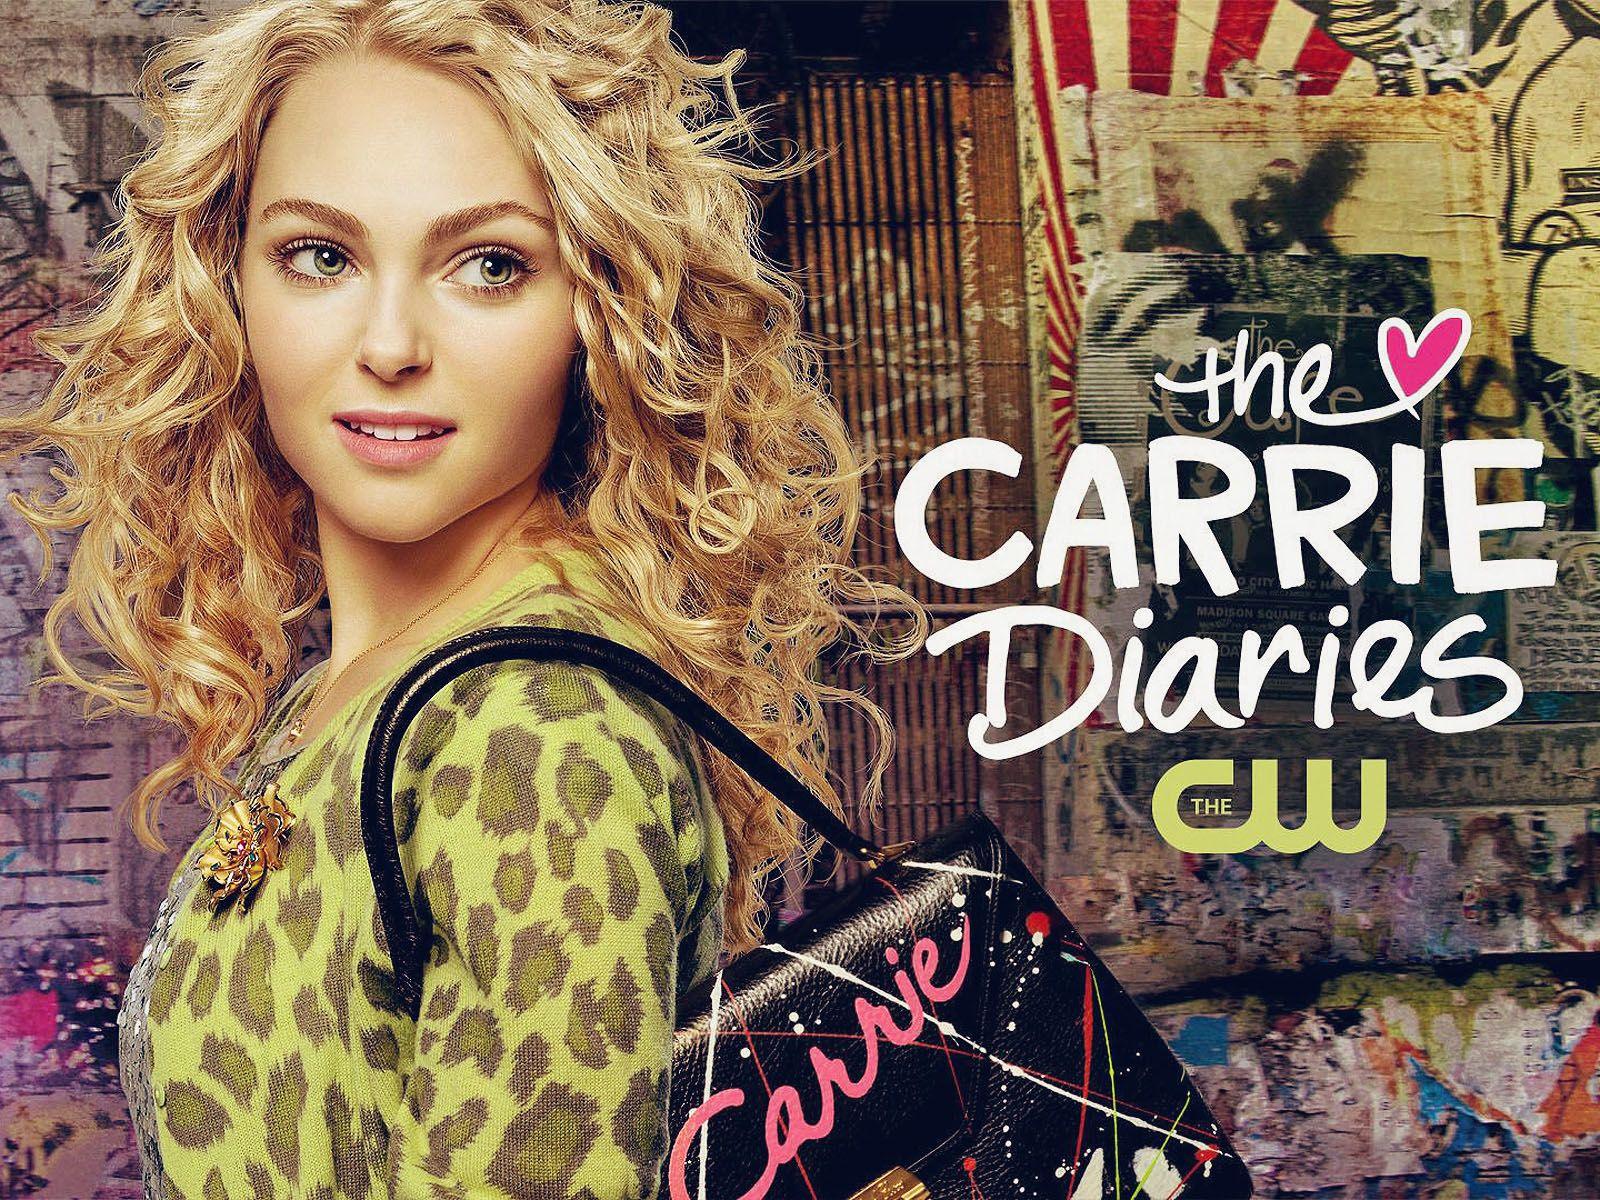 The Carrie Diaries Seasons 01-02 HDTV S3az